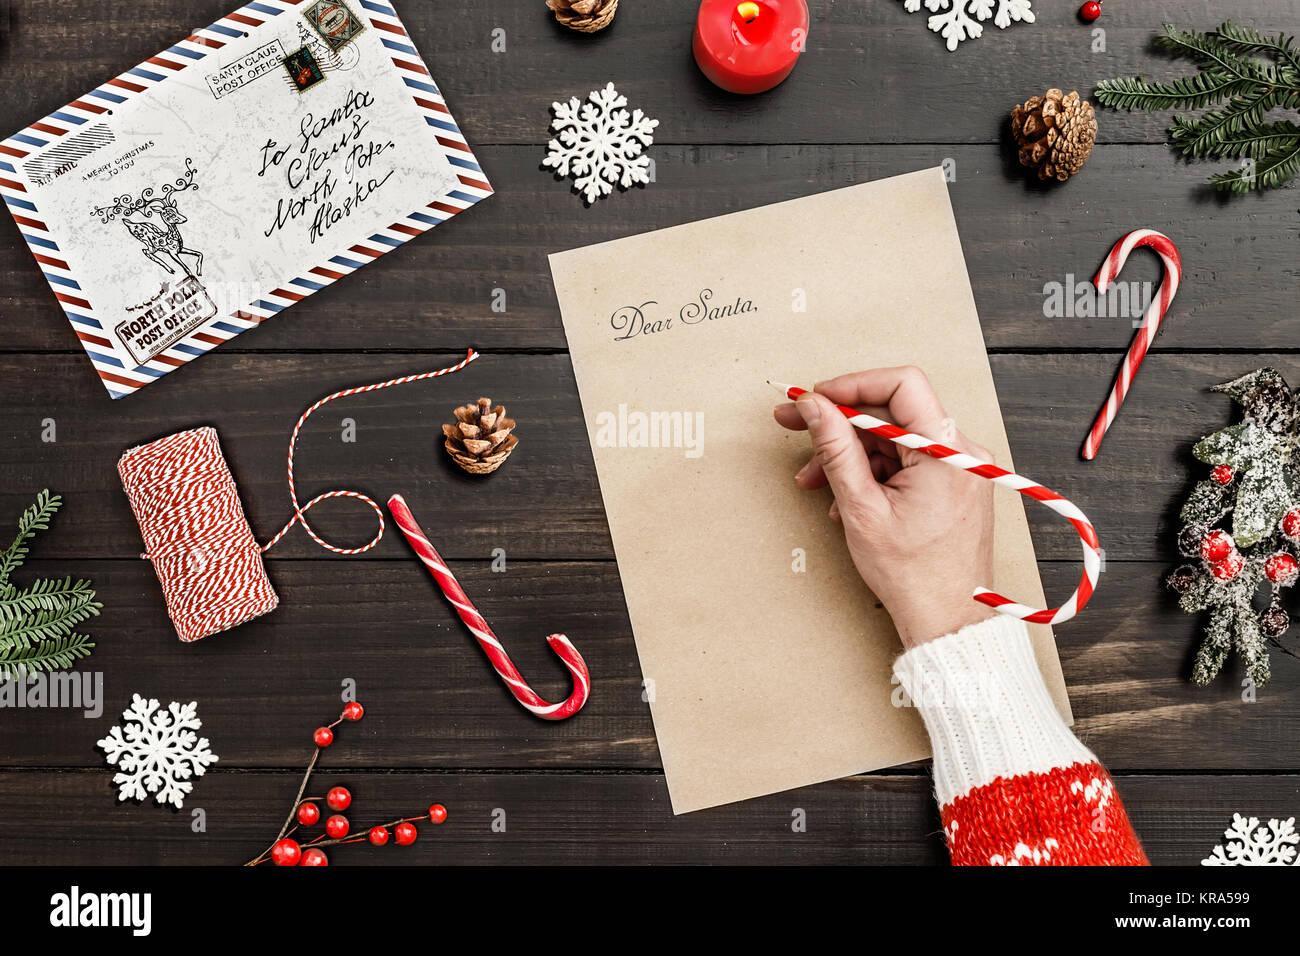 Schreiben Sie Einen Brief An Santa Auf Einem Hölzernen Tisch